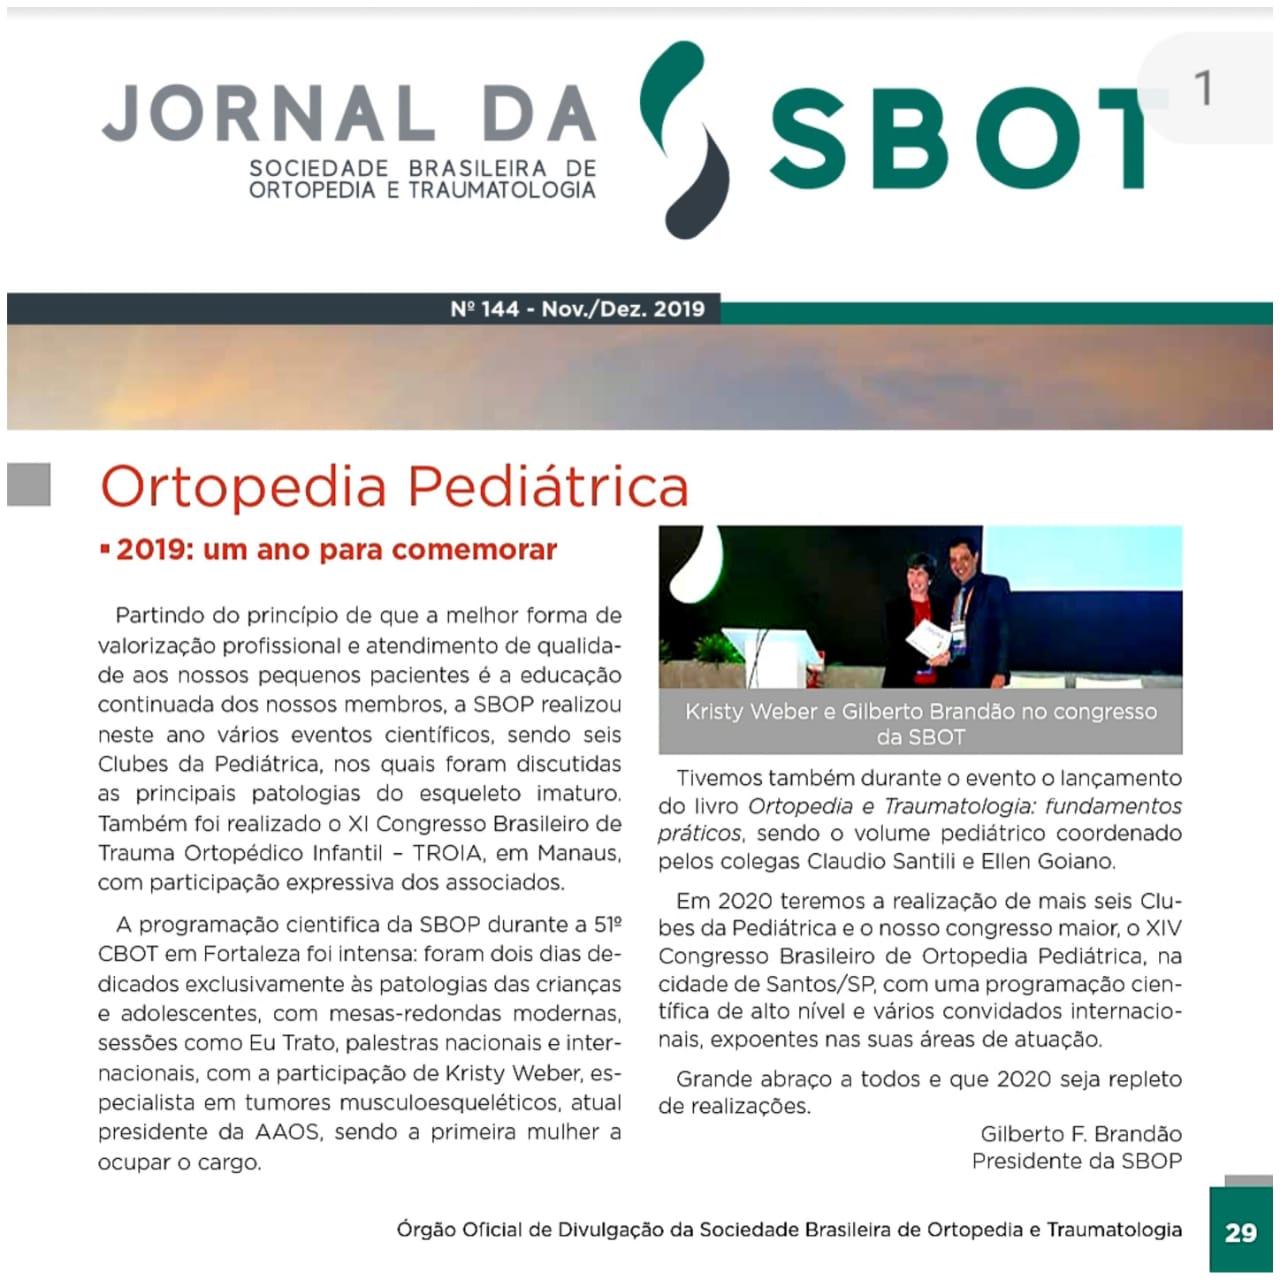 Jornal da SBOT